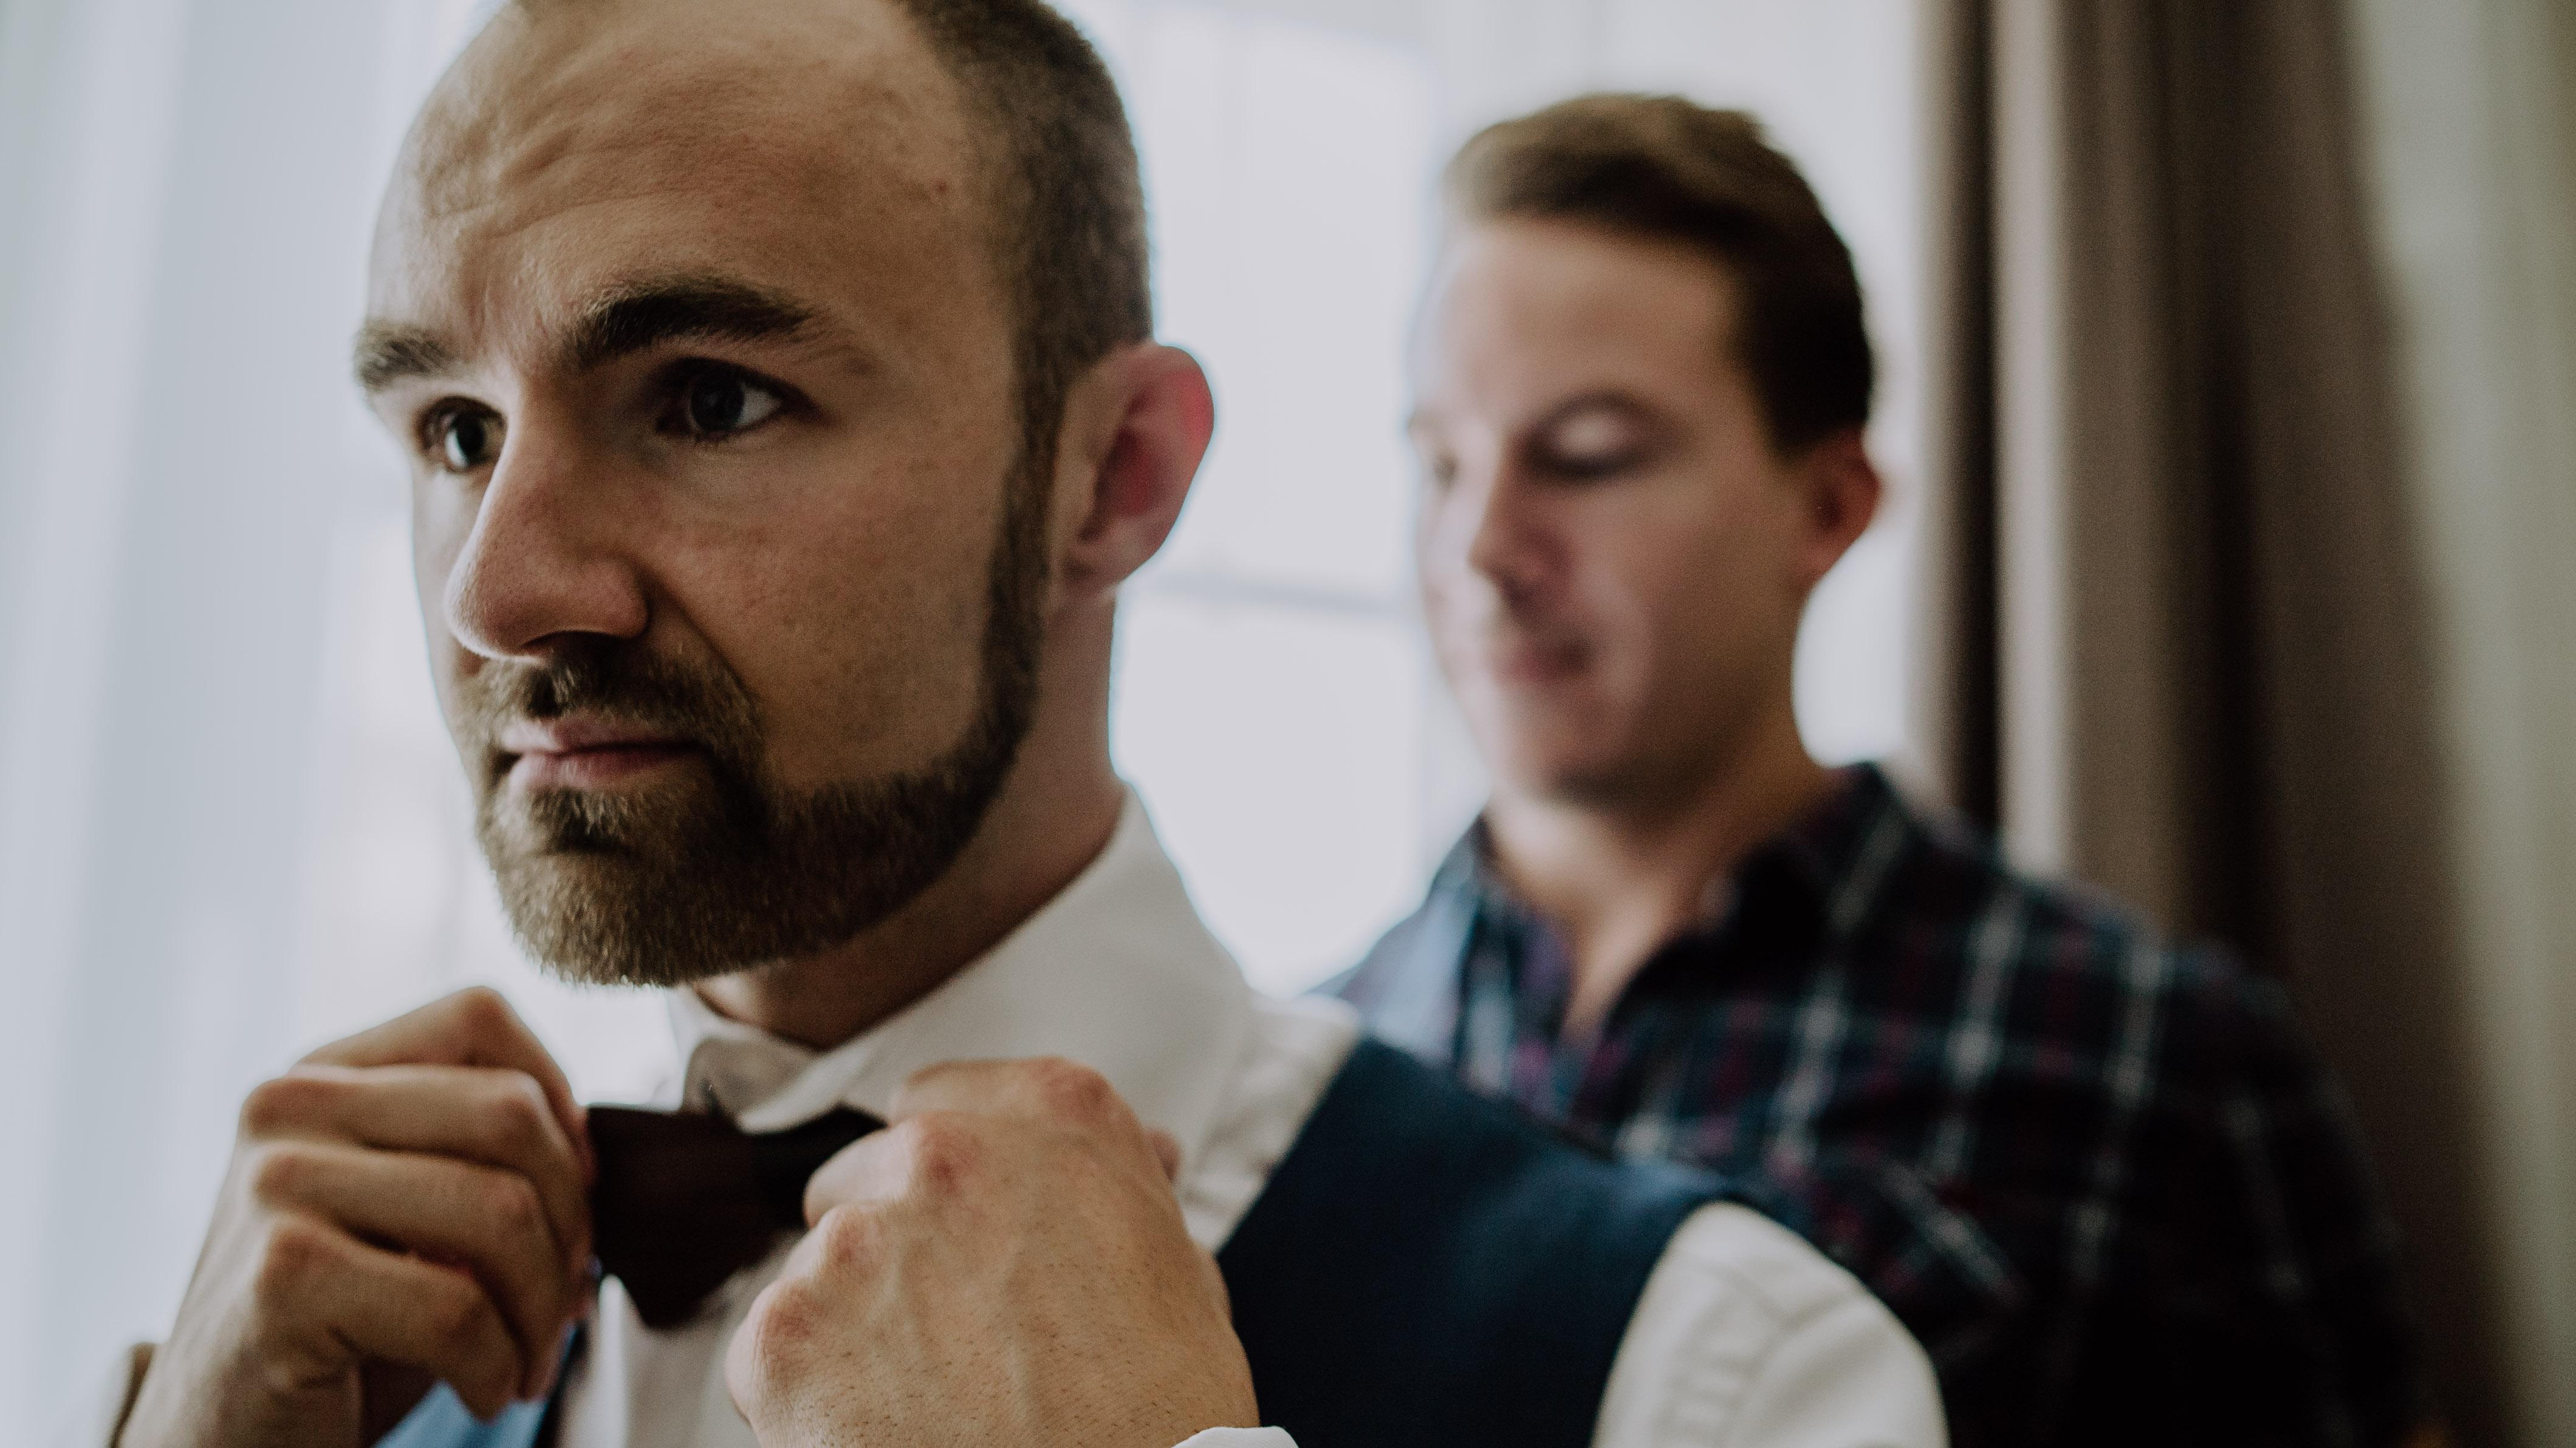 Bräutigam Getting Ready richtet sich Fliege Trauzeuge im Hintergrund Hotel Hochzeit Kamerakinder Weddings